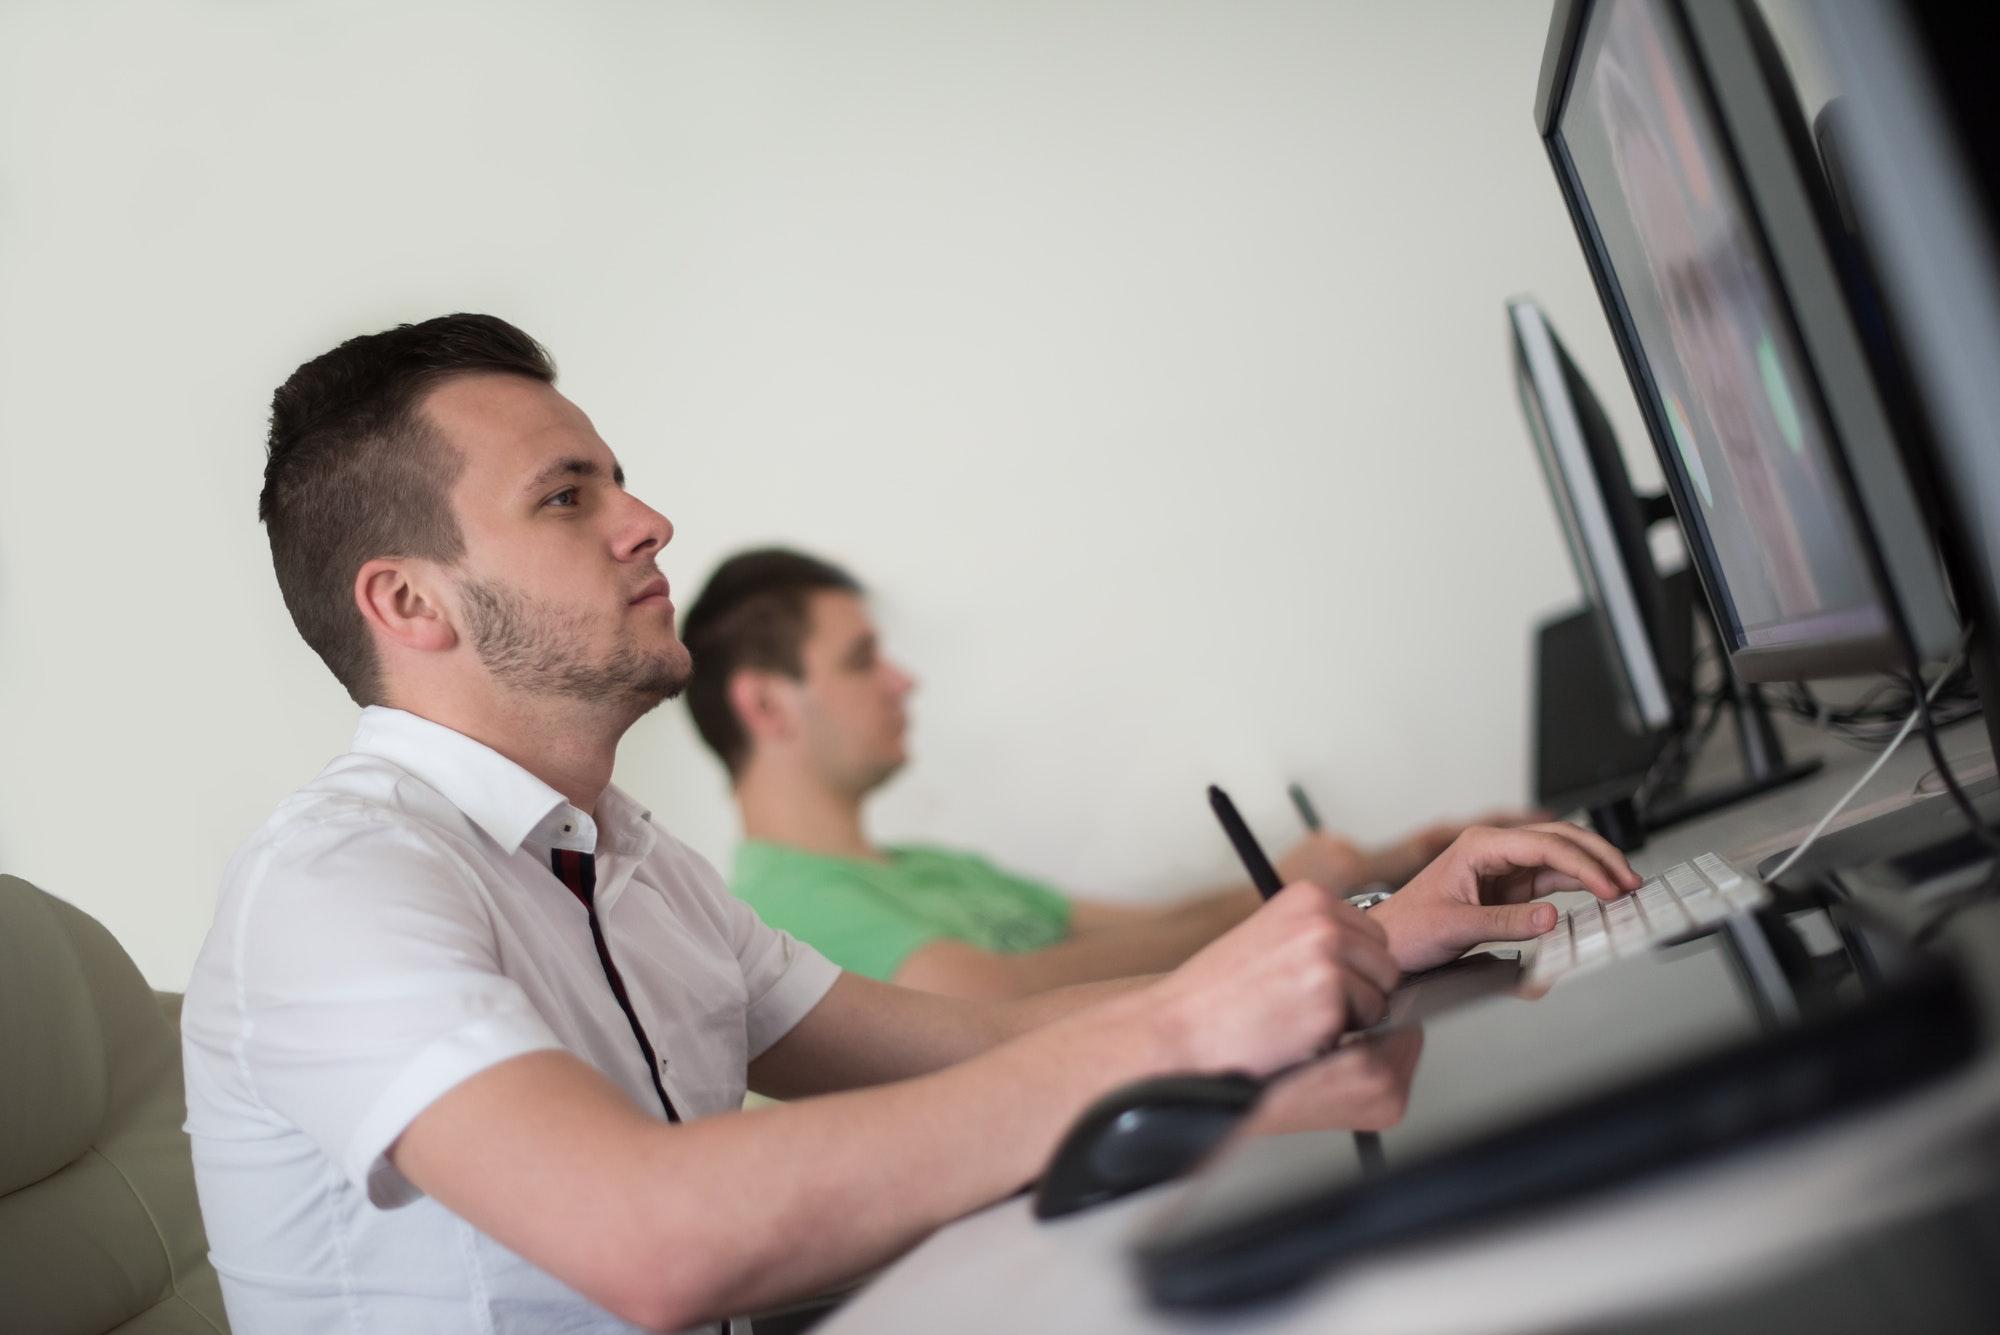 seo optimizacija tečaj, kako optimizirati spletno stran